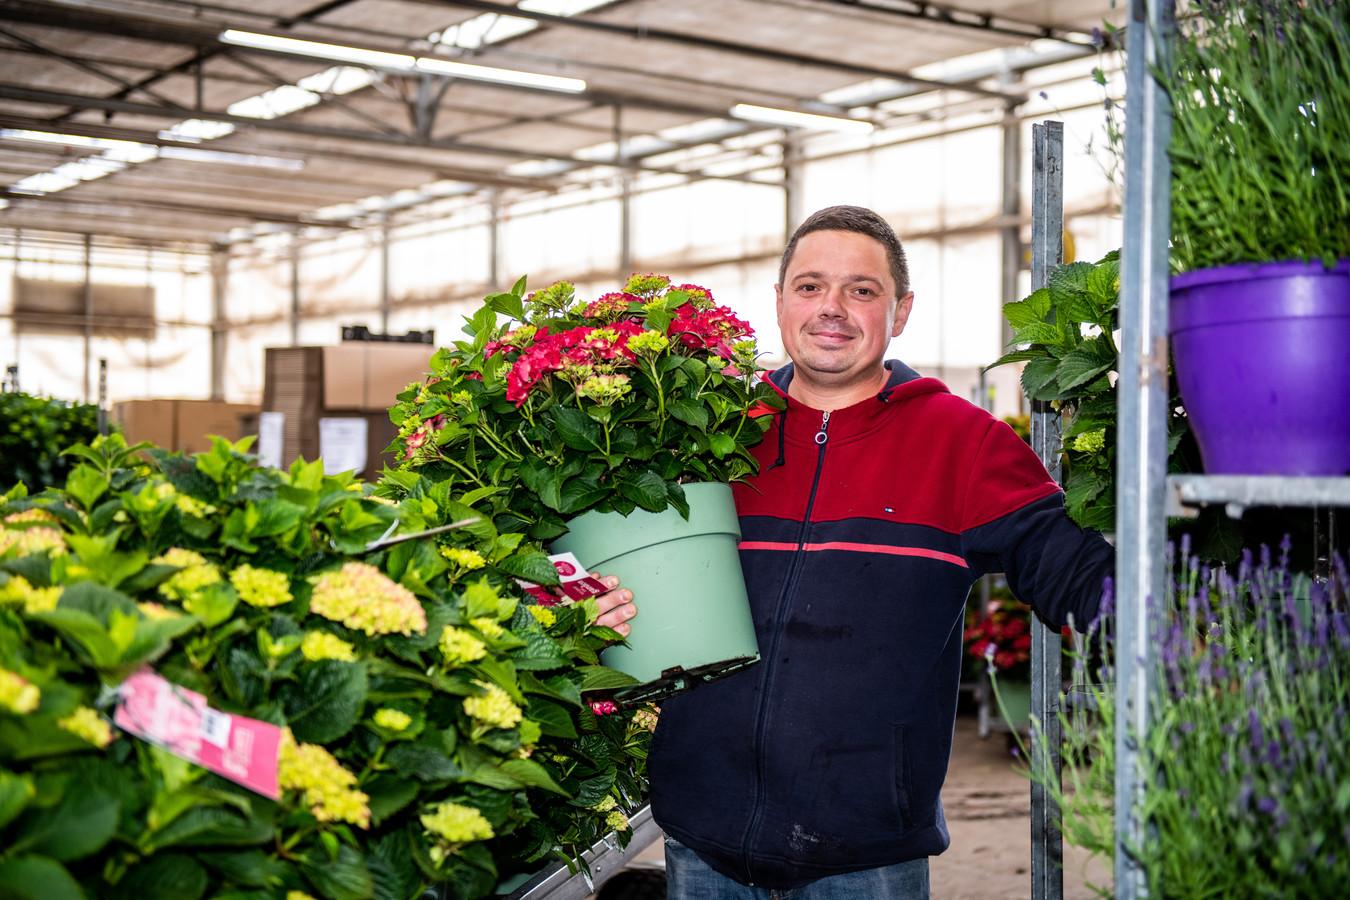 Lukasz Mroczka werkt bij kweker Van Lint in Boskoop. Hij is blij met zijn werkgever én koophuis. Velen zitten er minder bij.